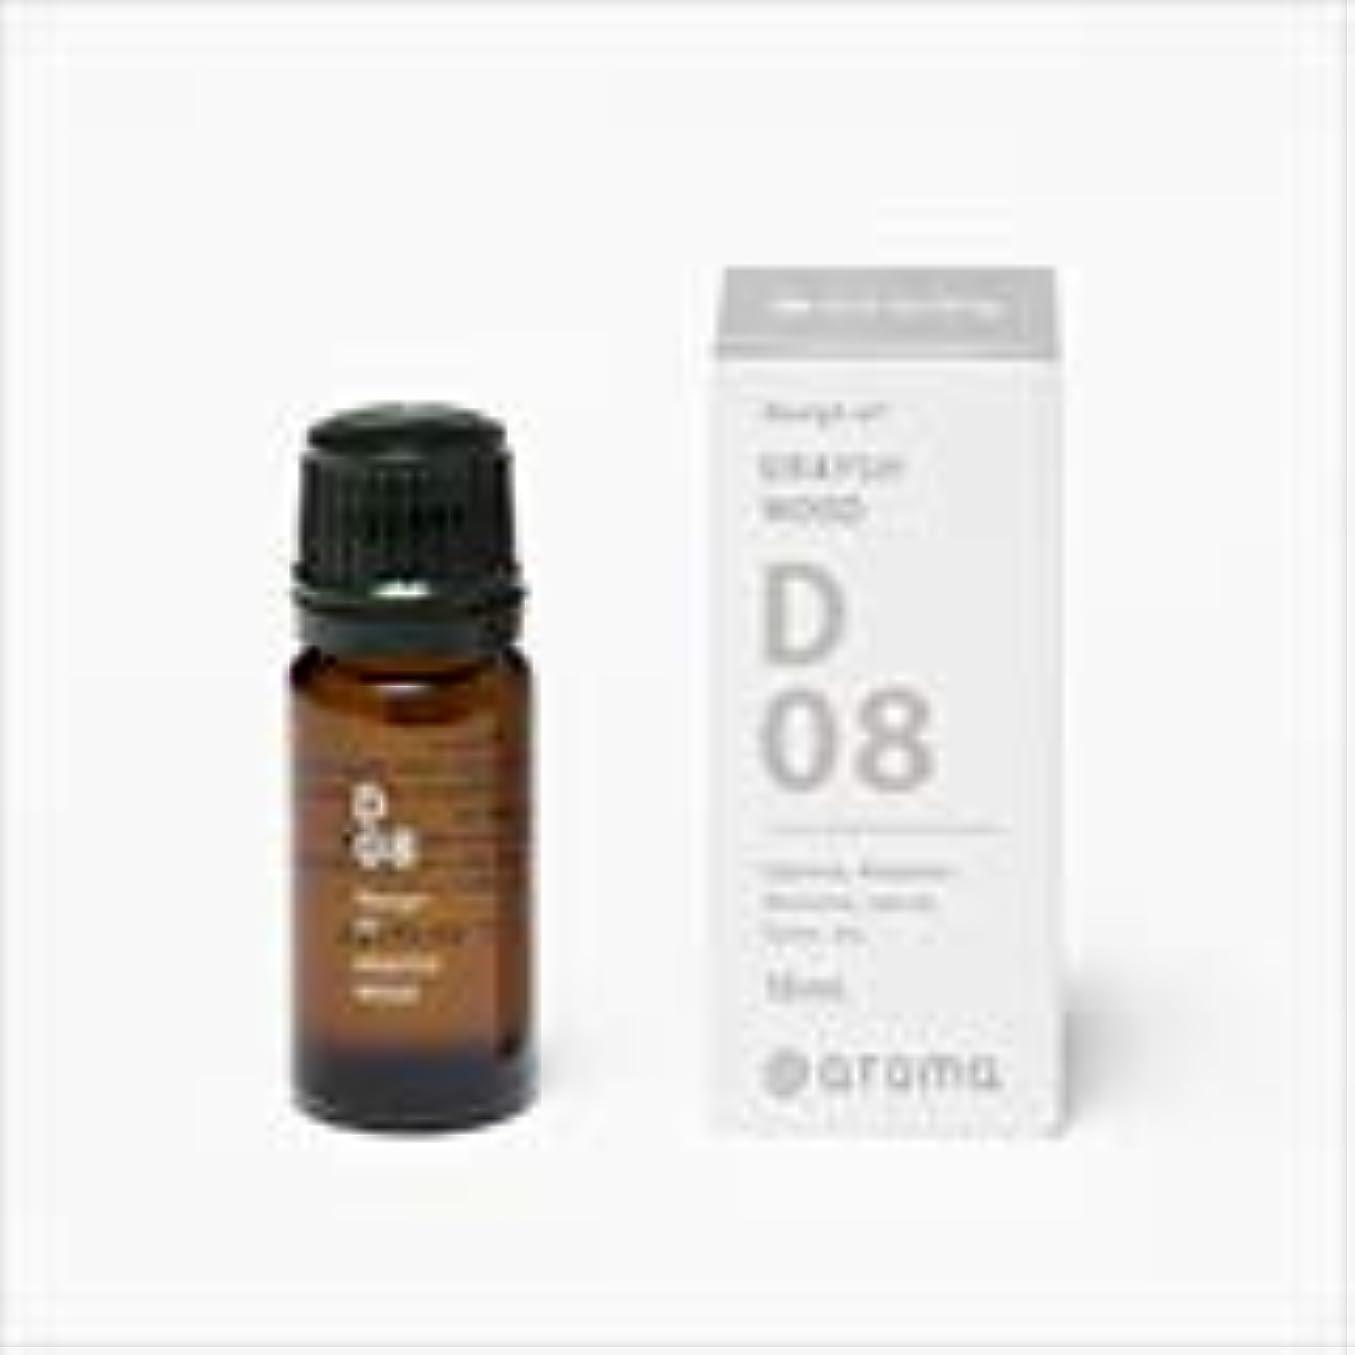 縁動物園入浴アットアロマ 100%pure essential oil <Design air ブリリアントレッド>